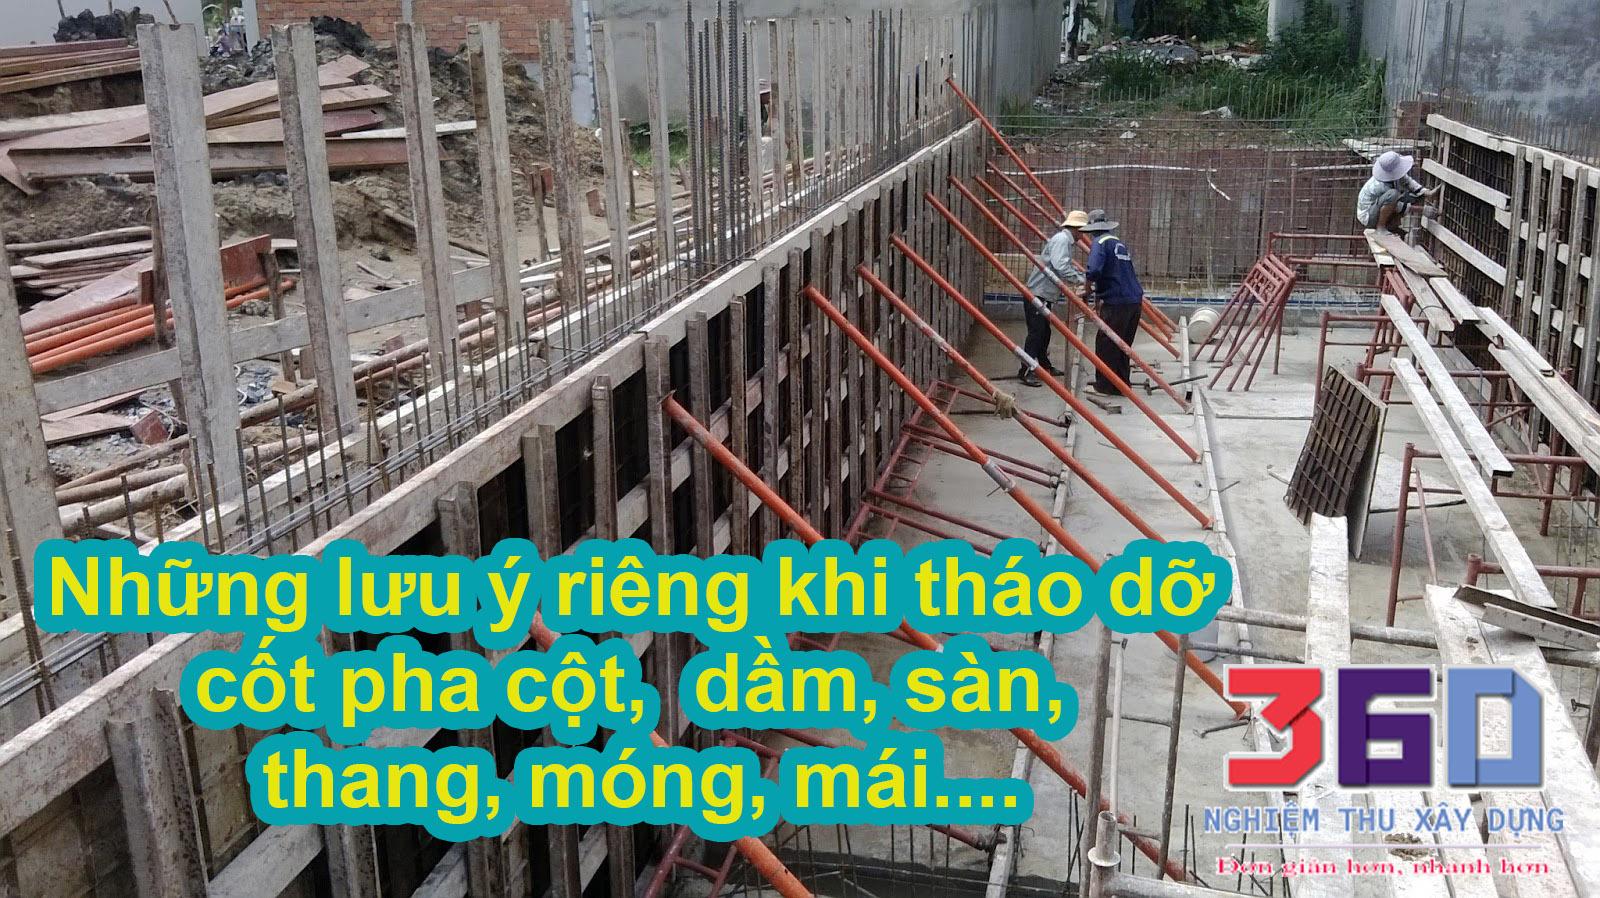 Những lưu ý khi tháo dỡ cốt pha đà giáo cột, dầm, sàn, thang, móng,....